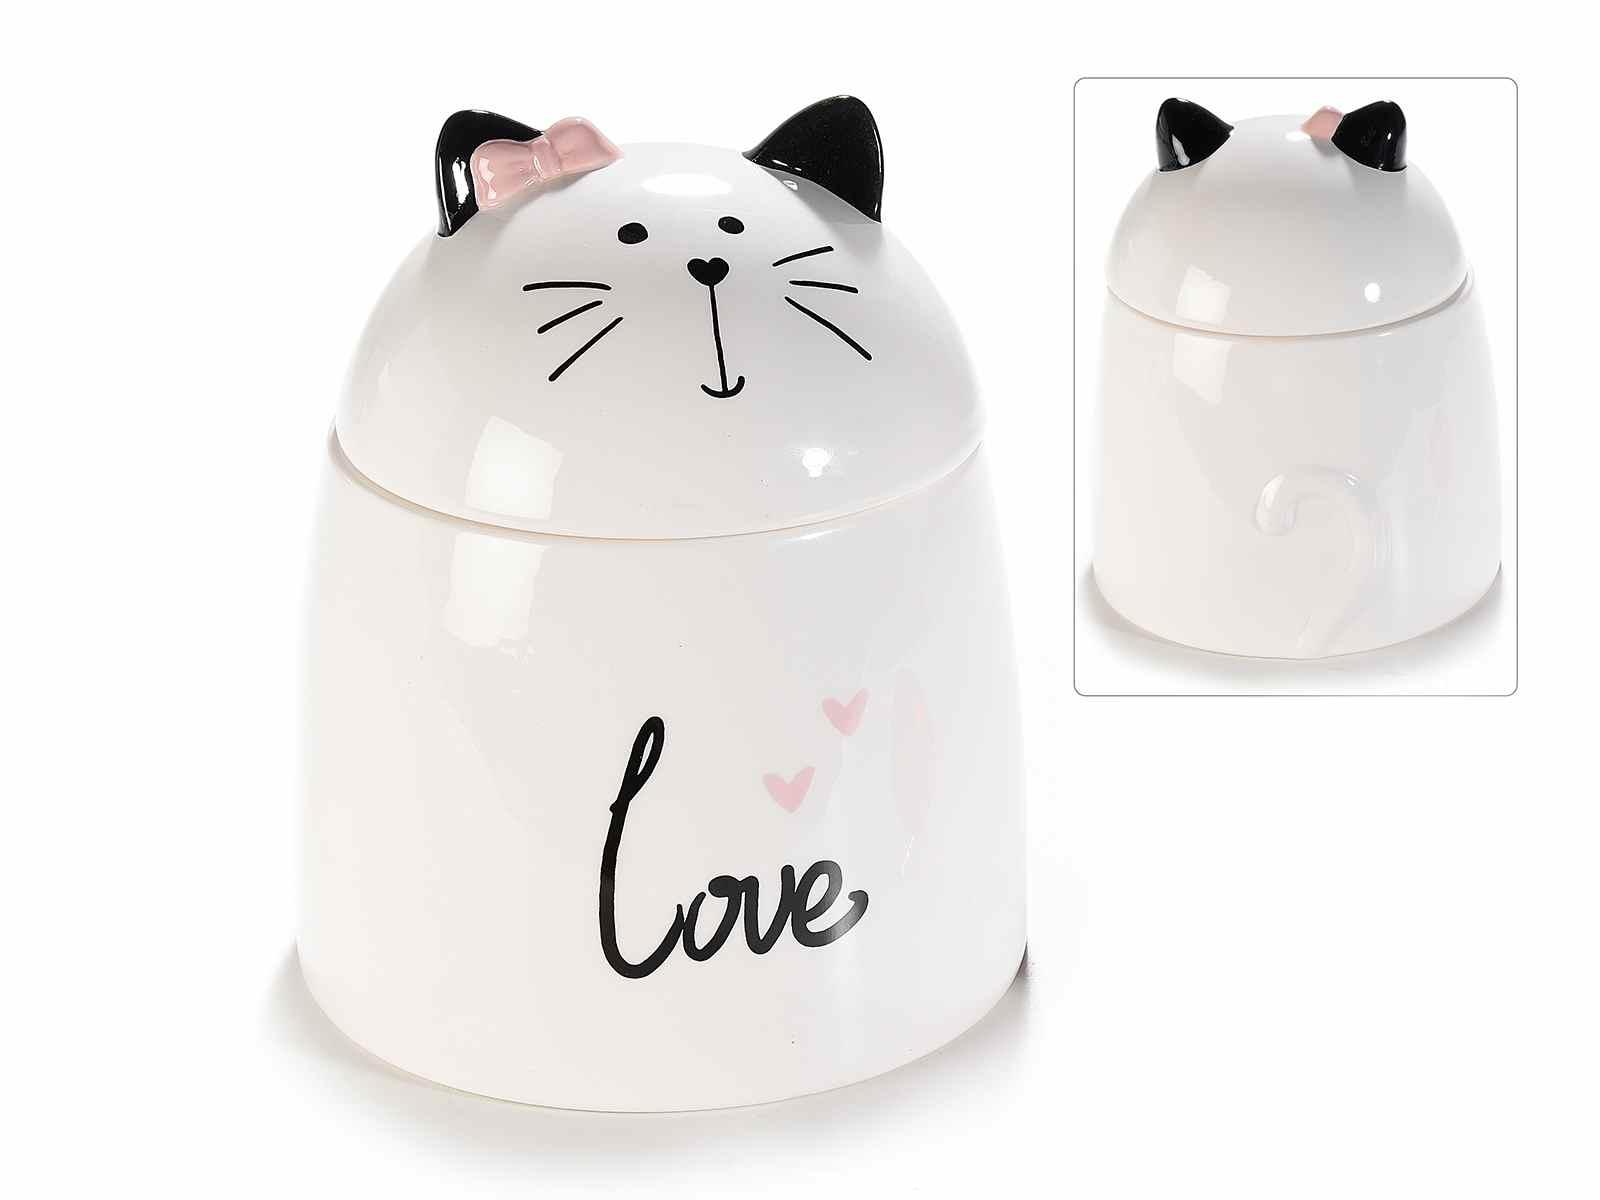 Barattolo in ceramica con un Gatto sul coperchio (713728)